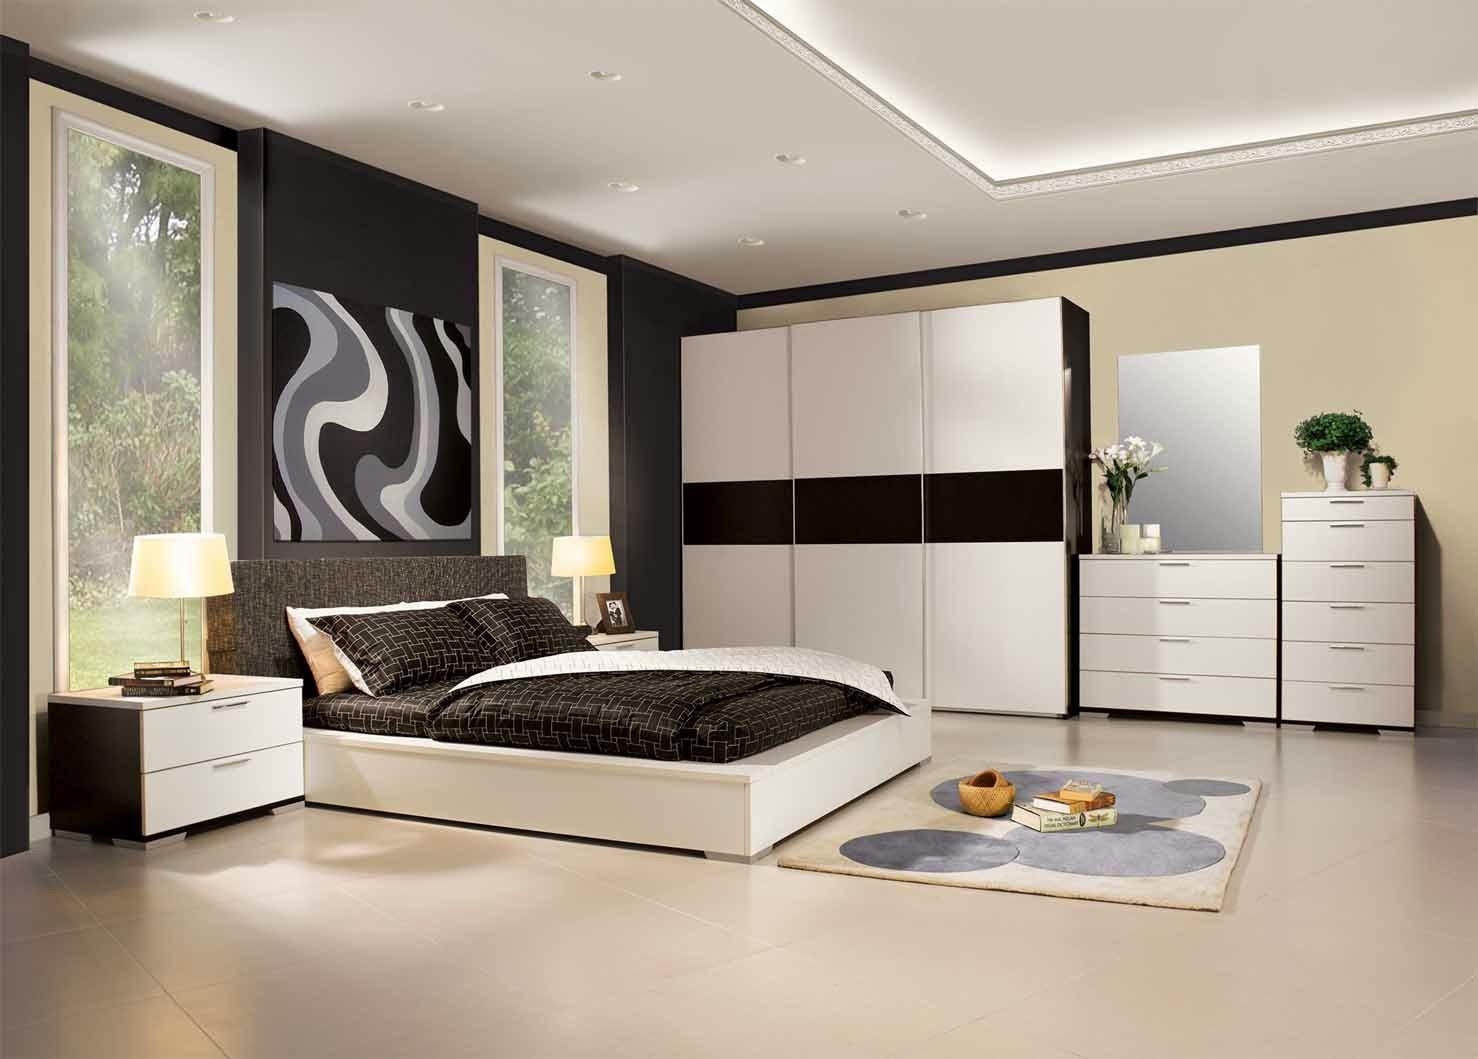 أحدث صيحات غرف النوم   أبيض و أسود « ديكور